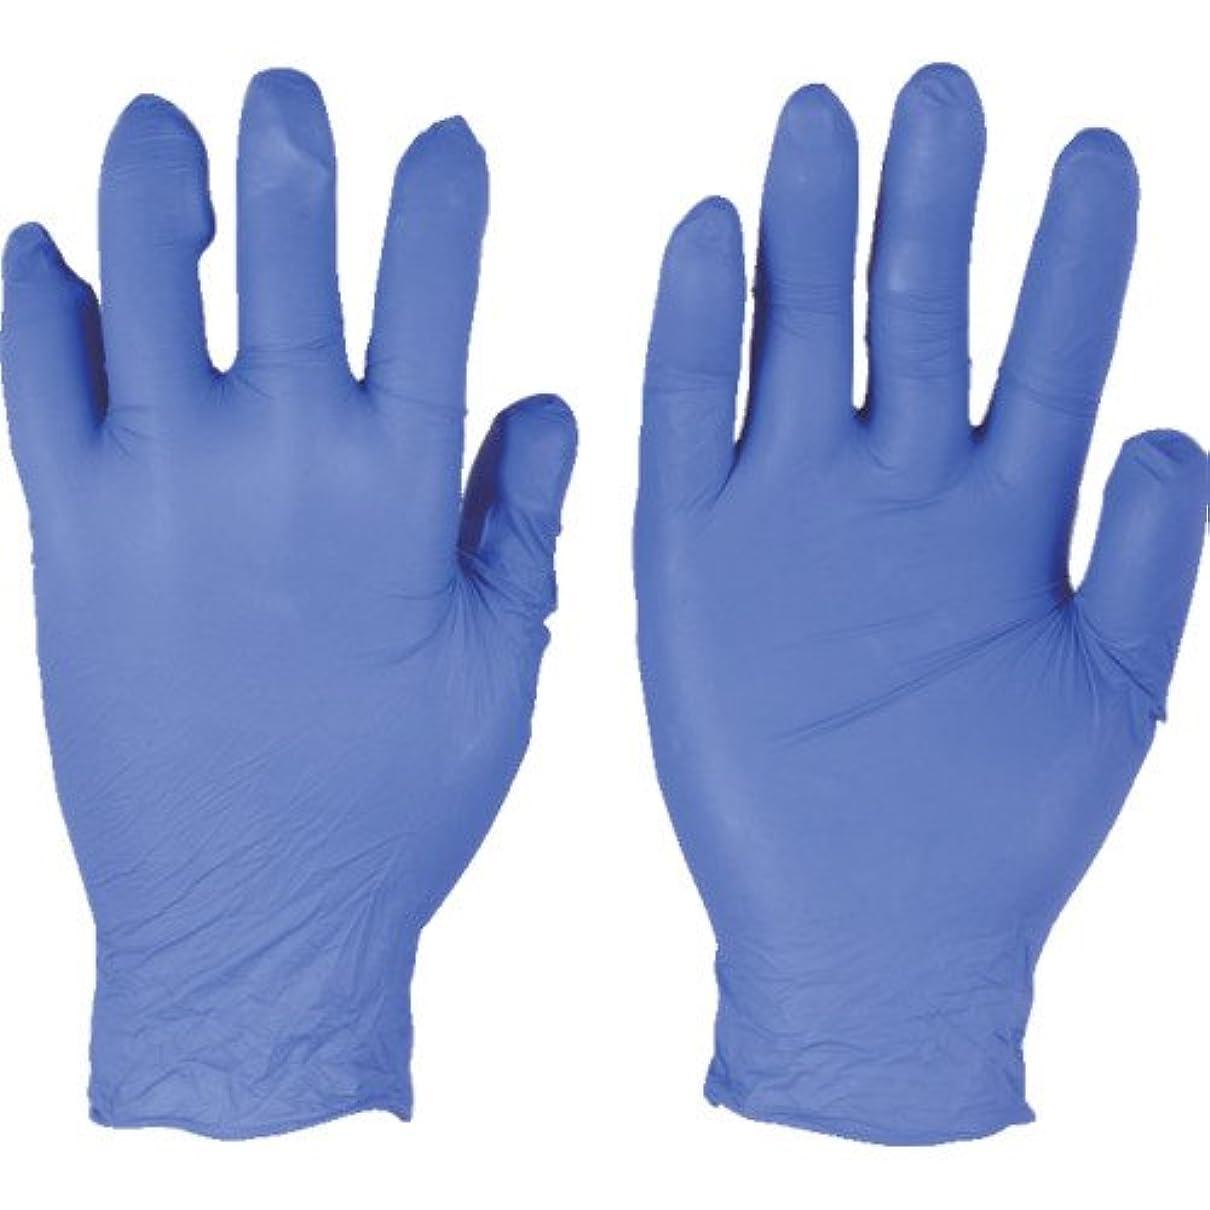 スピーチ句理想的にはトラスコ中山 アンセル ニトリルゴム使い捨て手袋 エッジ 82-133 Sサイズ(300枚入り)  (300枚入) 821337